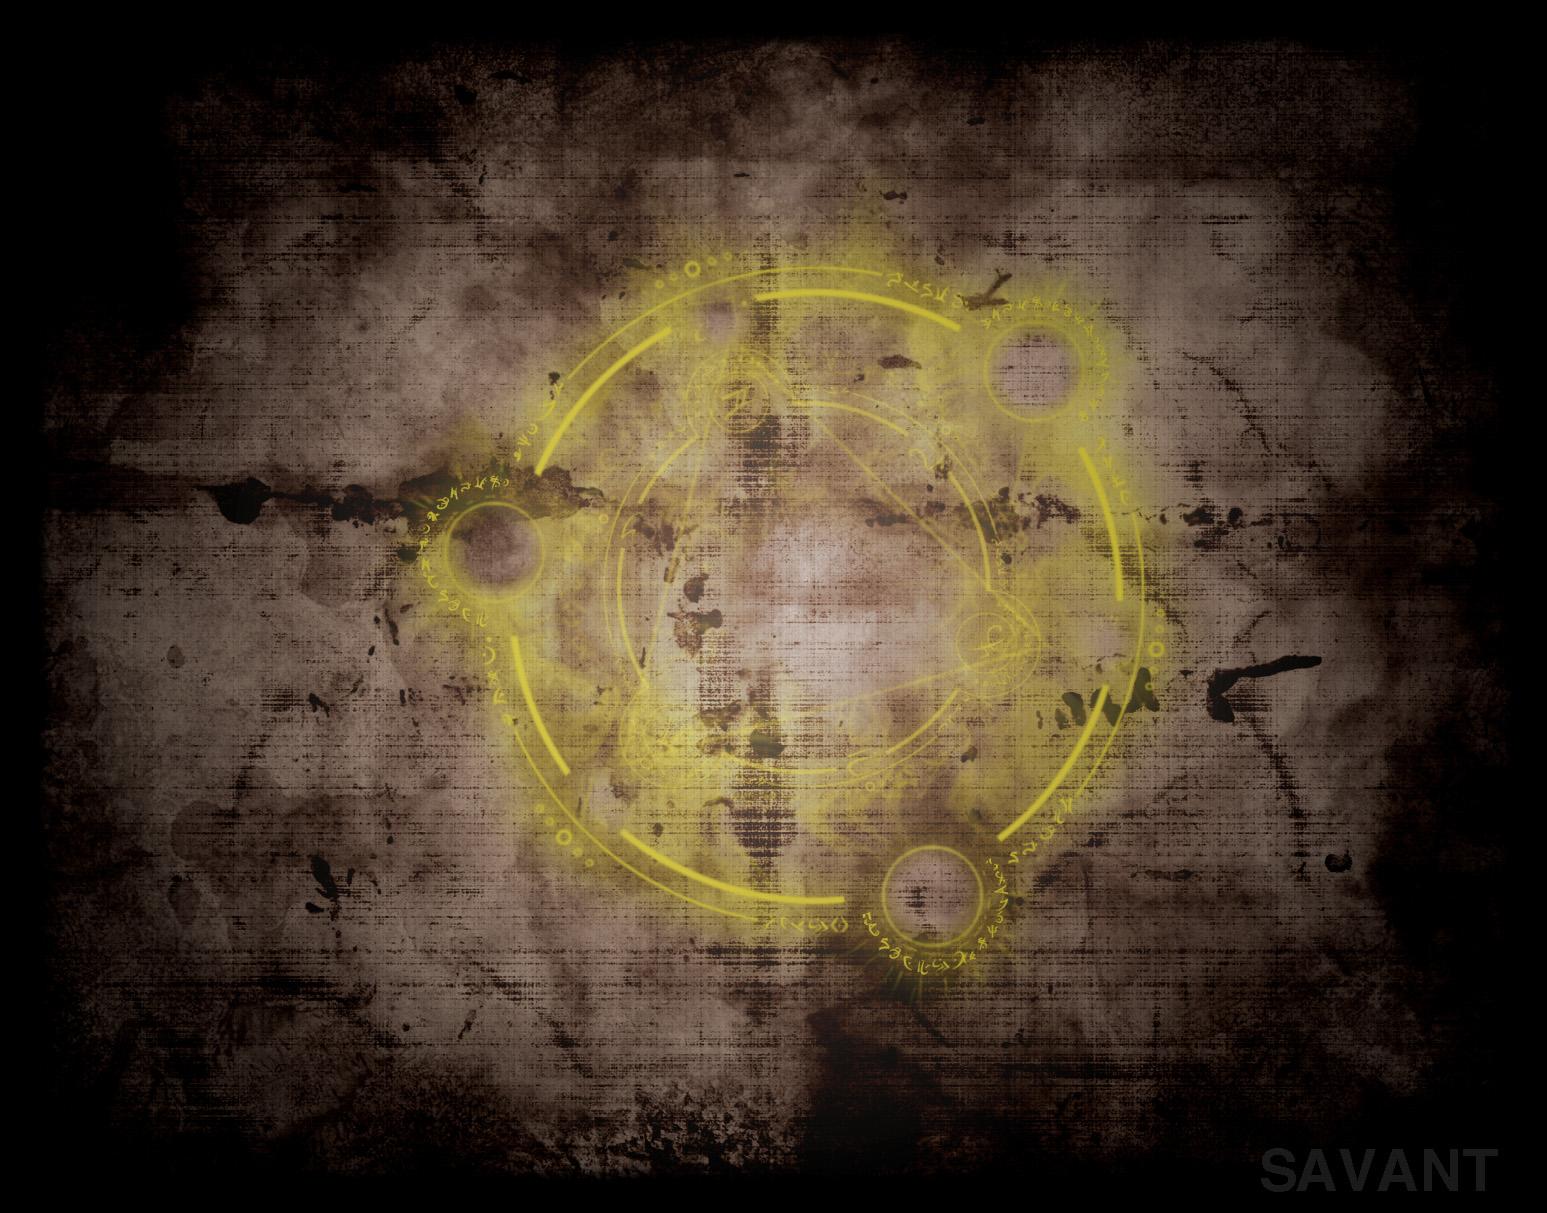 Seal of Wilt